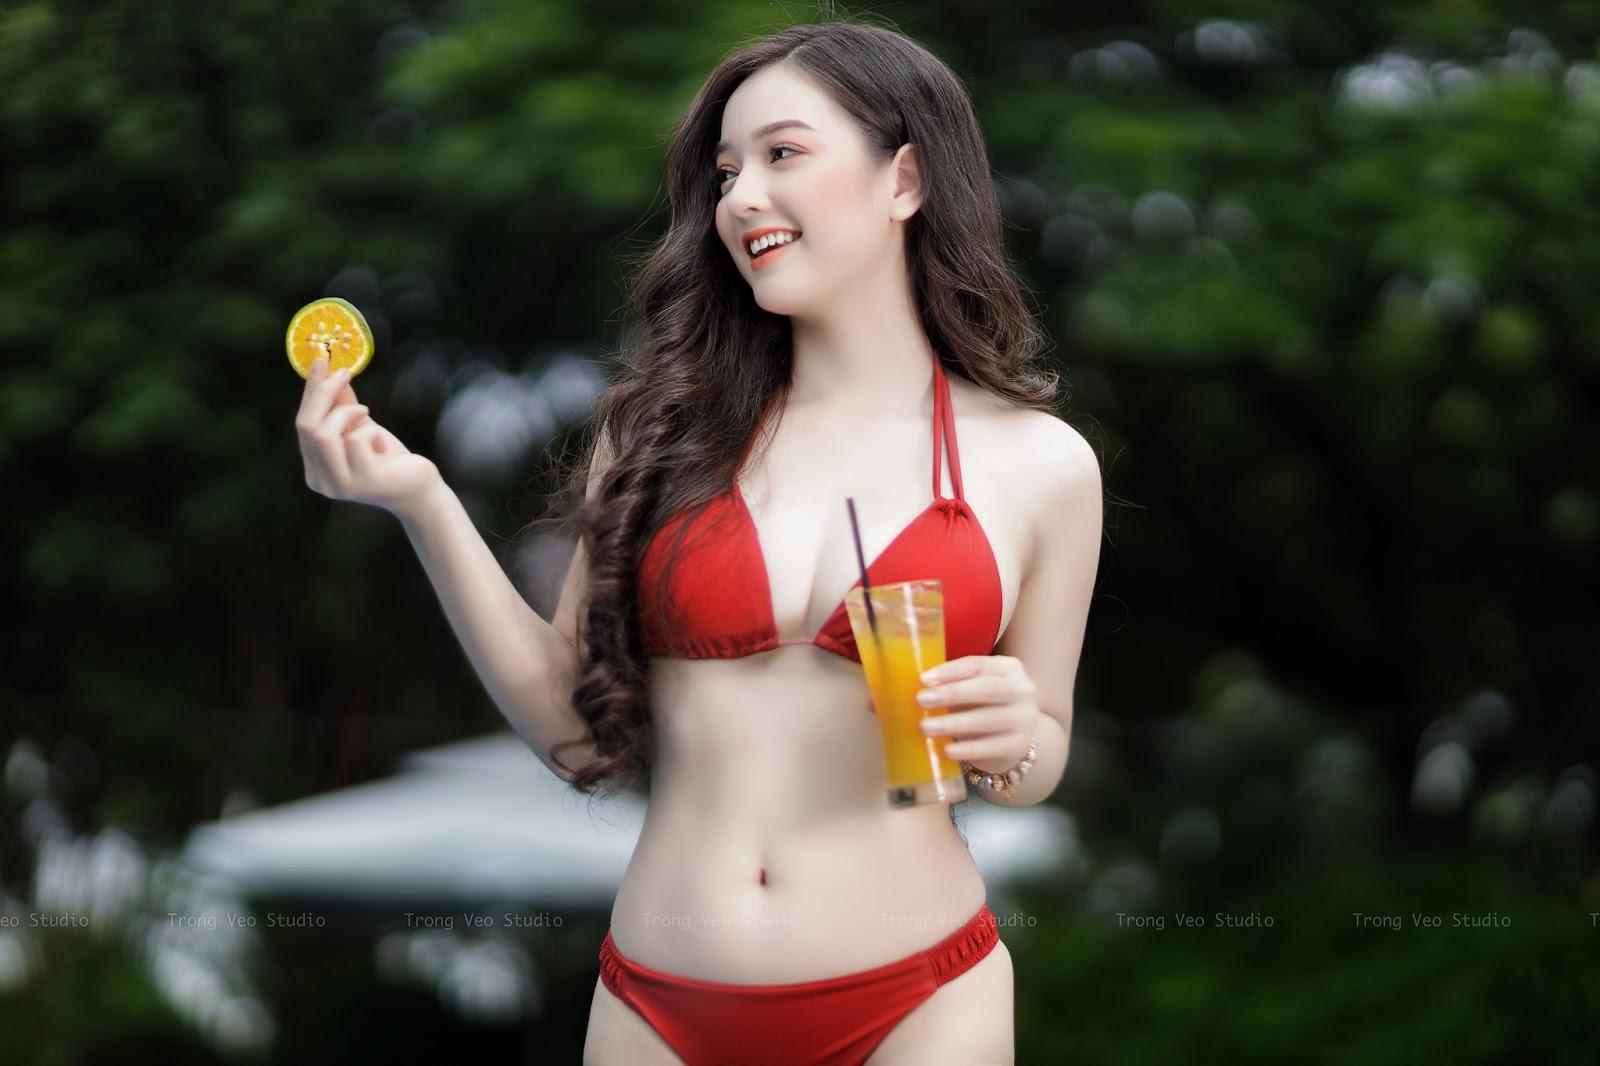 Ngắm nhan sắc nóng bỏng 'vạn người mê' của Quỳnh Trâm trong bộ bikini màu đỏ